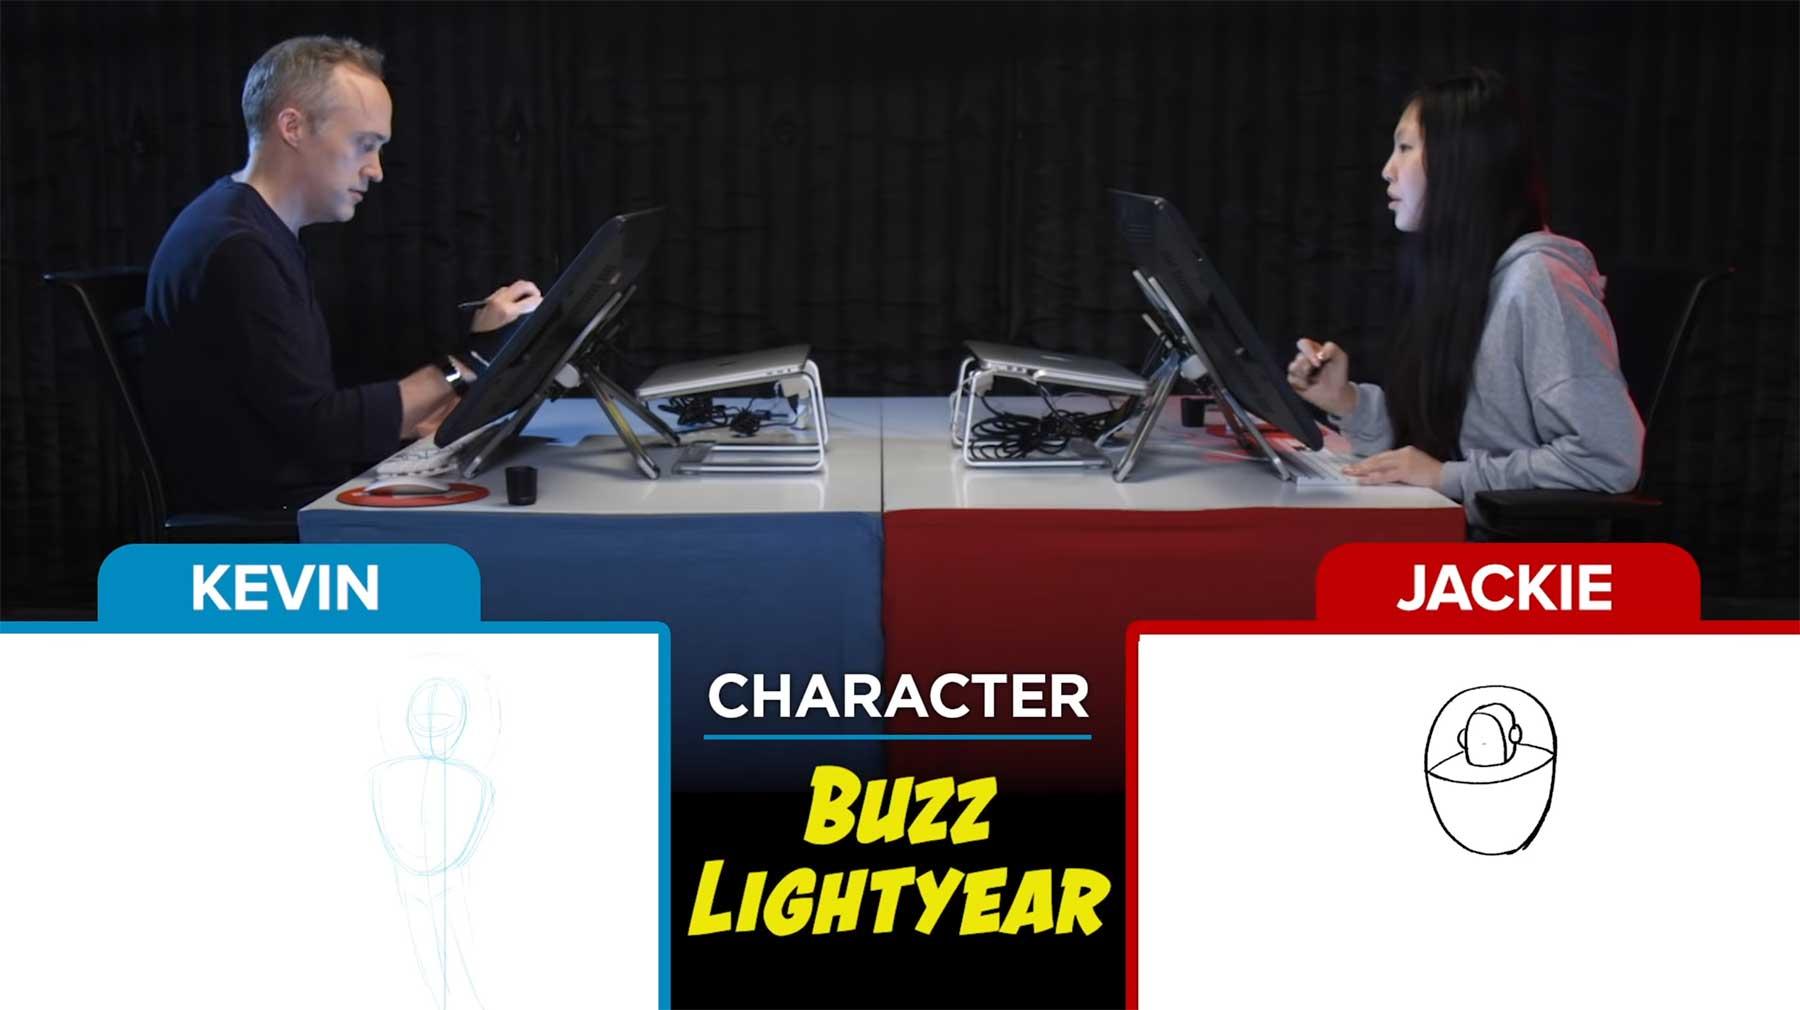 Zeichner versuchen Pixar-Figuren aus der Erinnerung raus zu malen pixar-figuren-aus-der-erinnerung-zeichnen